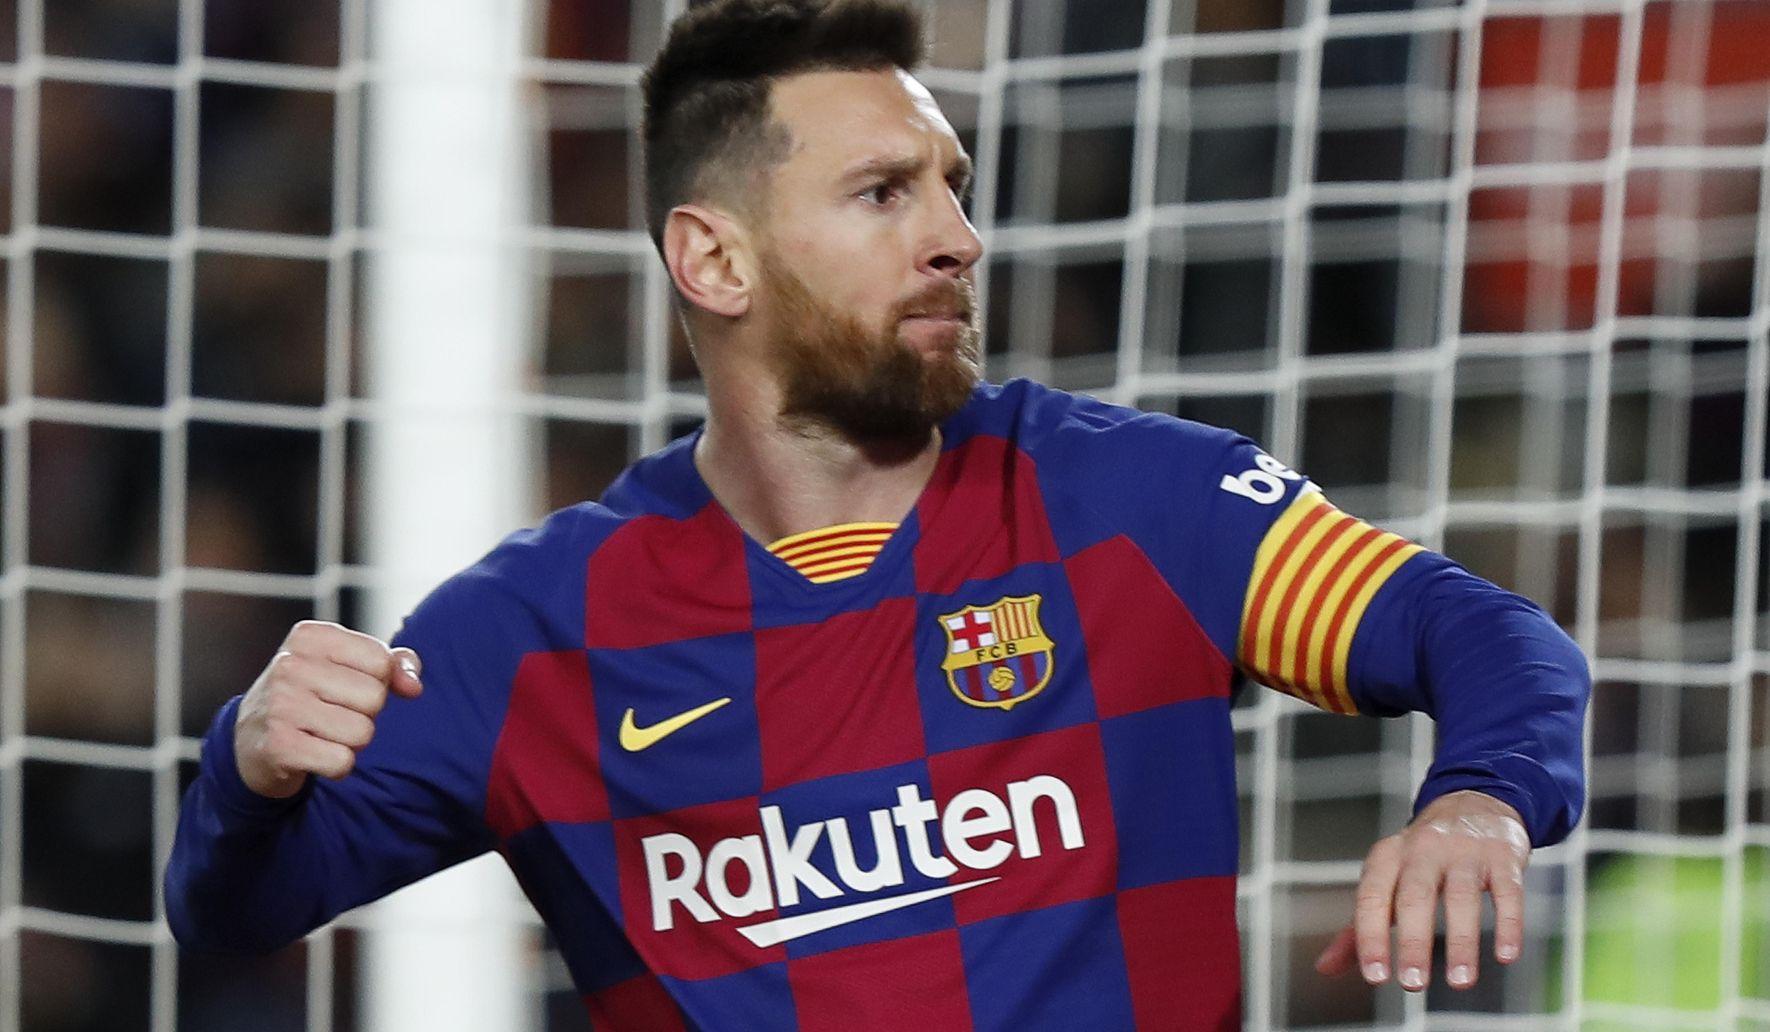 Spain_soccer_la_liga_21648_c0-229-5472-3419_s1770x1032